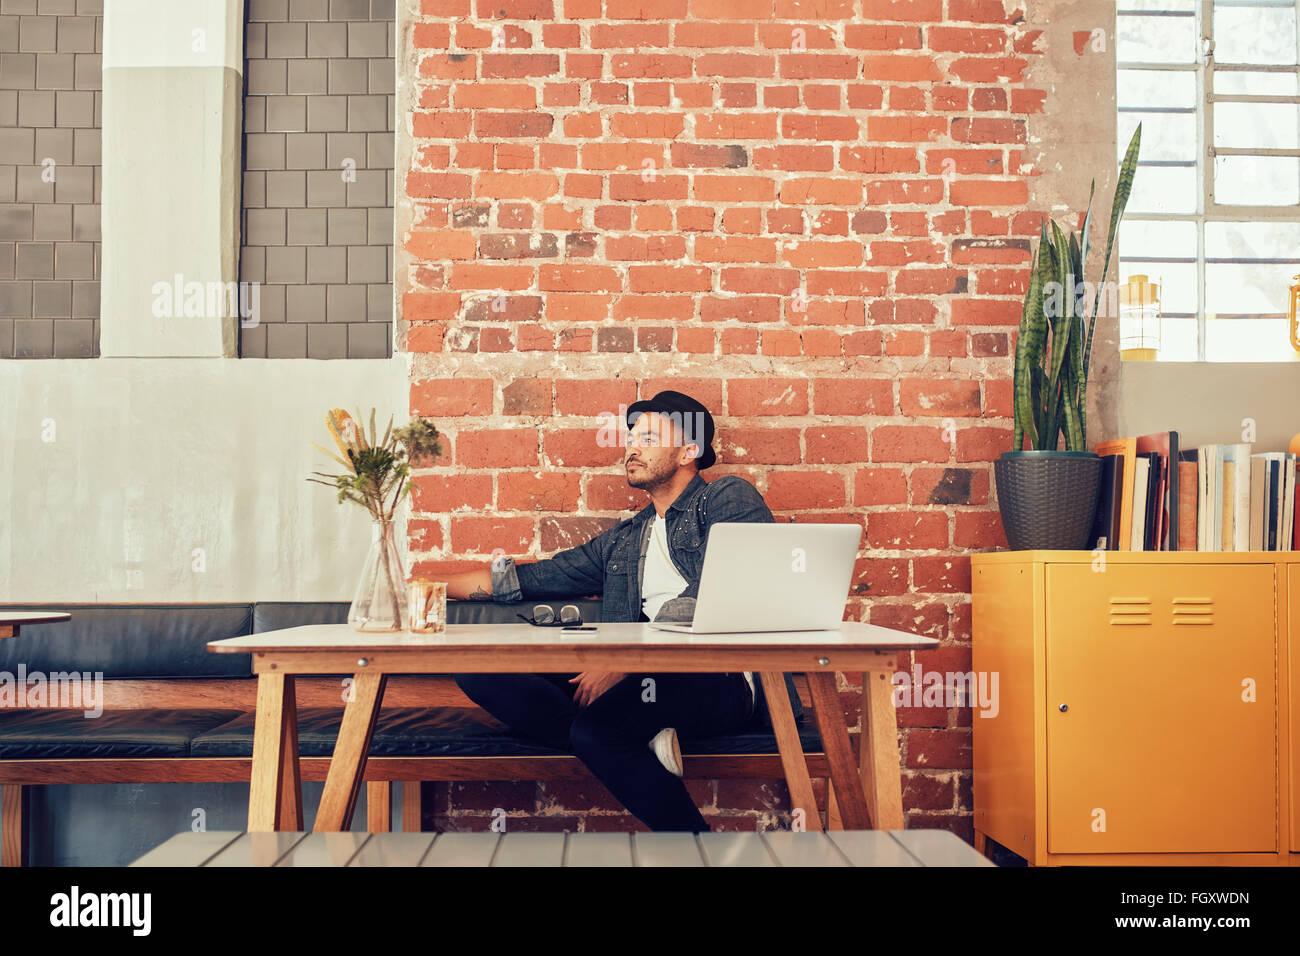 Retrato de joven sentada sola en un café con el ordenador portátil sobre la mesa. Hombre caucásico esperando que Foto de stock